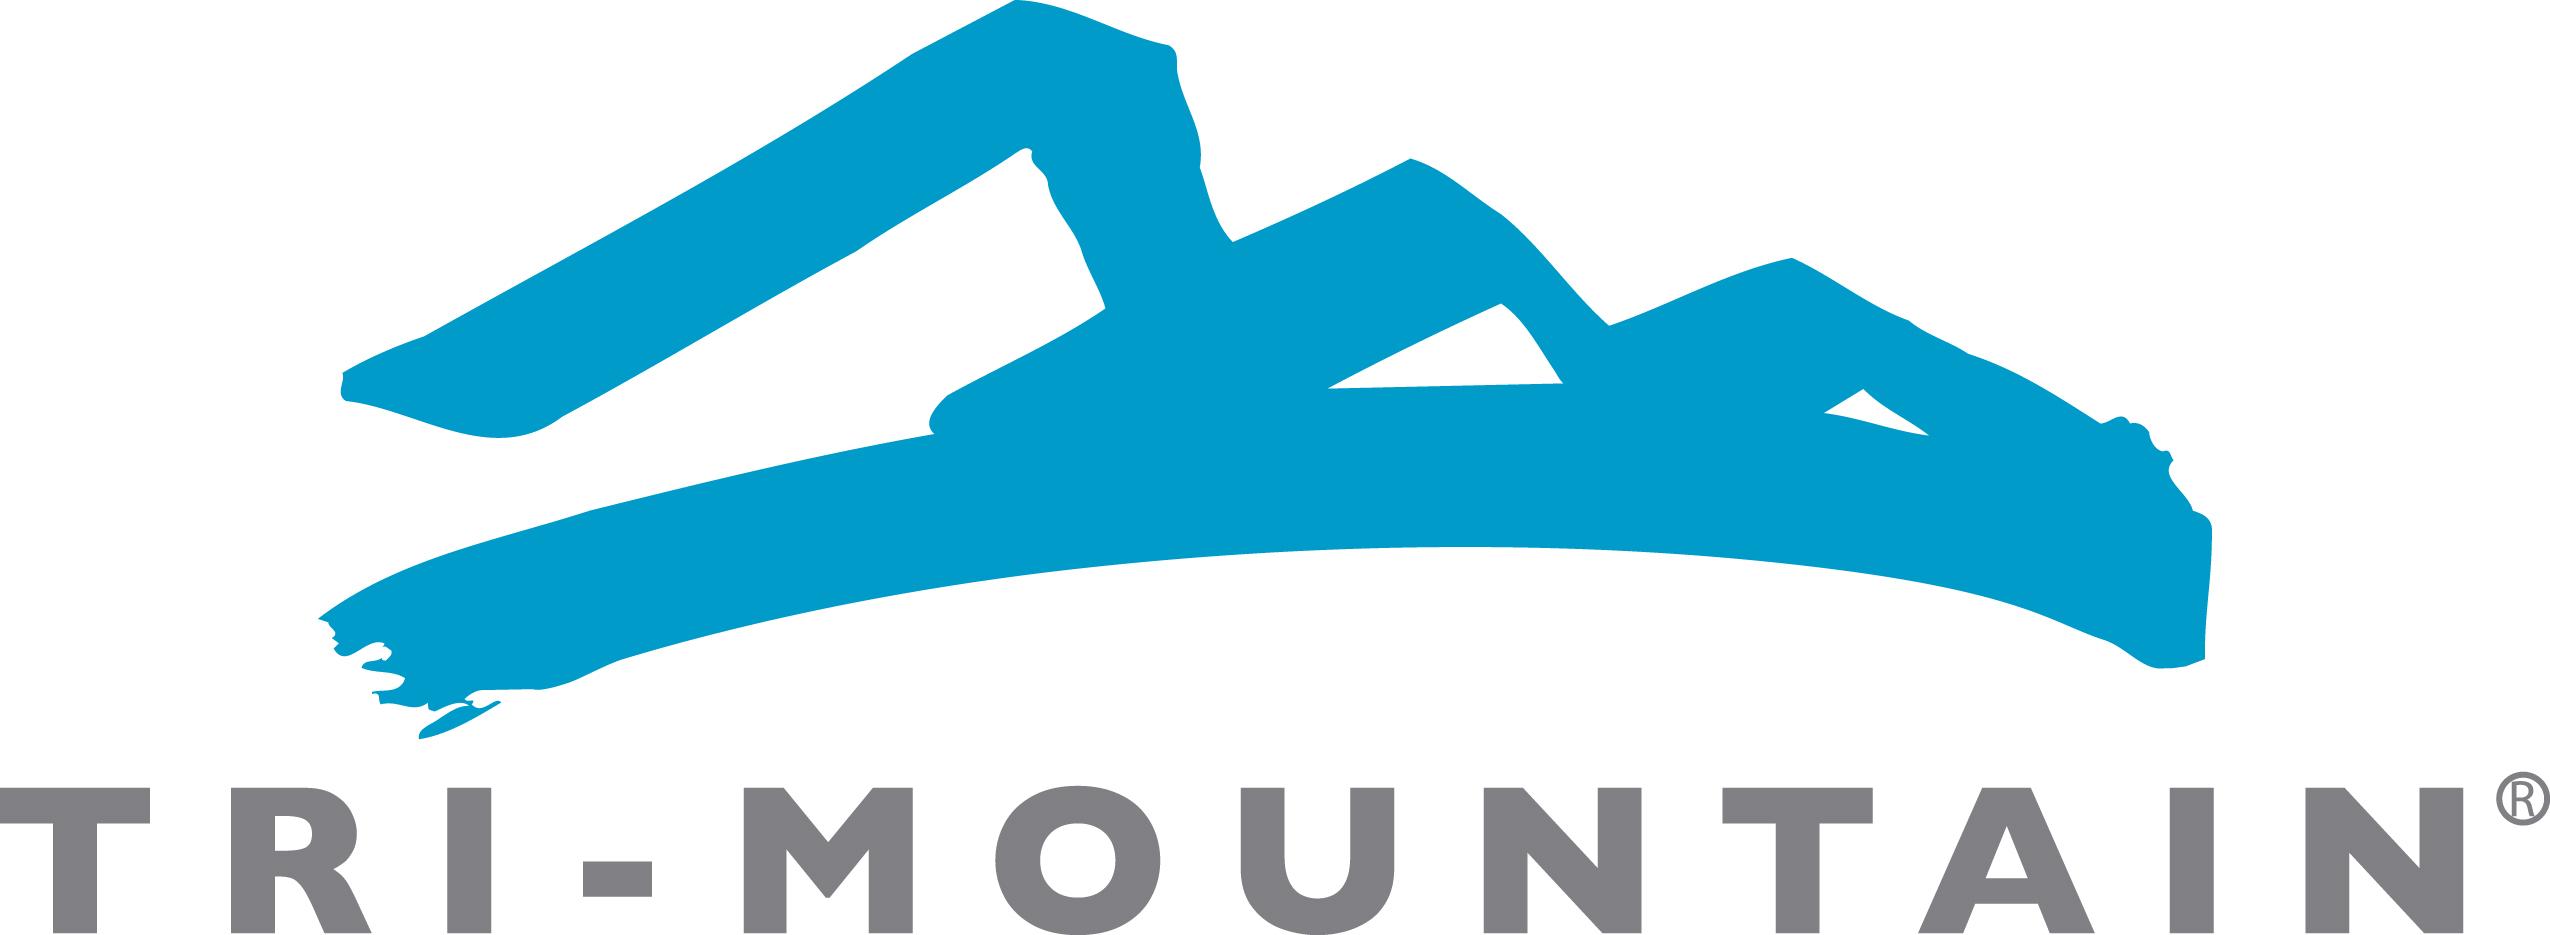 Tri Mountain